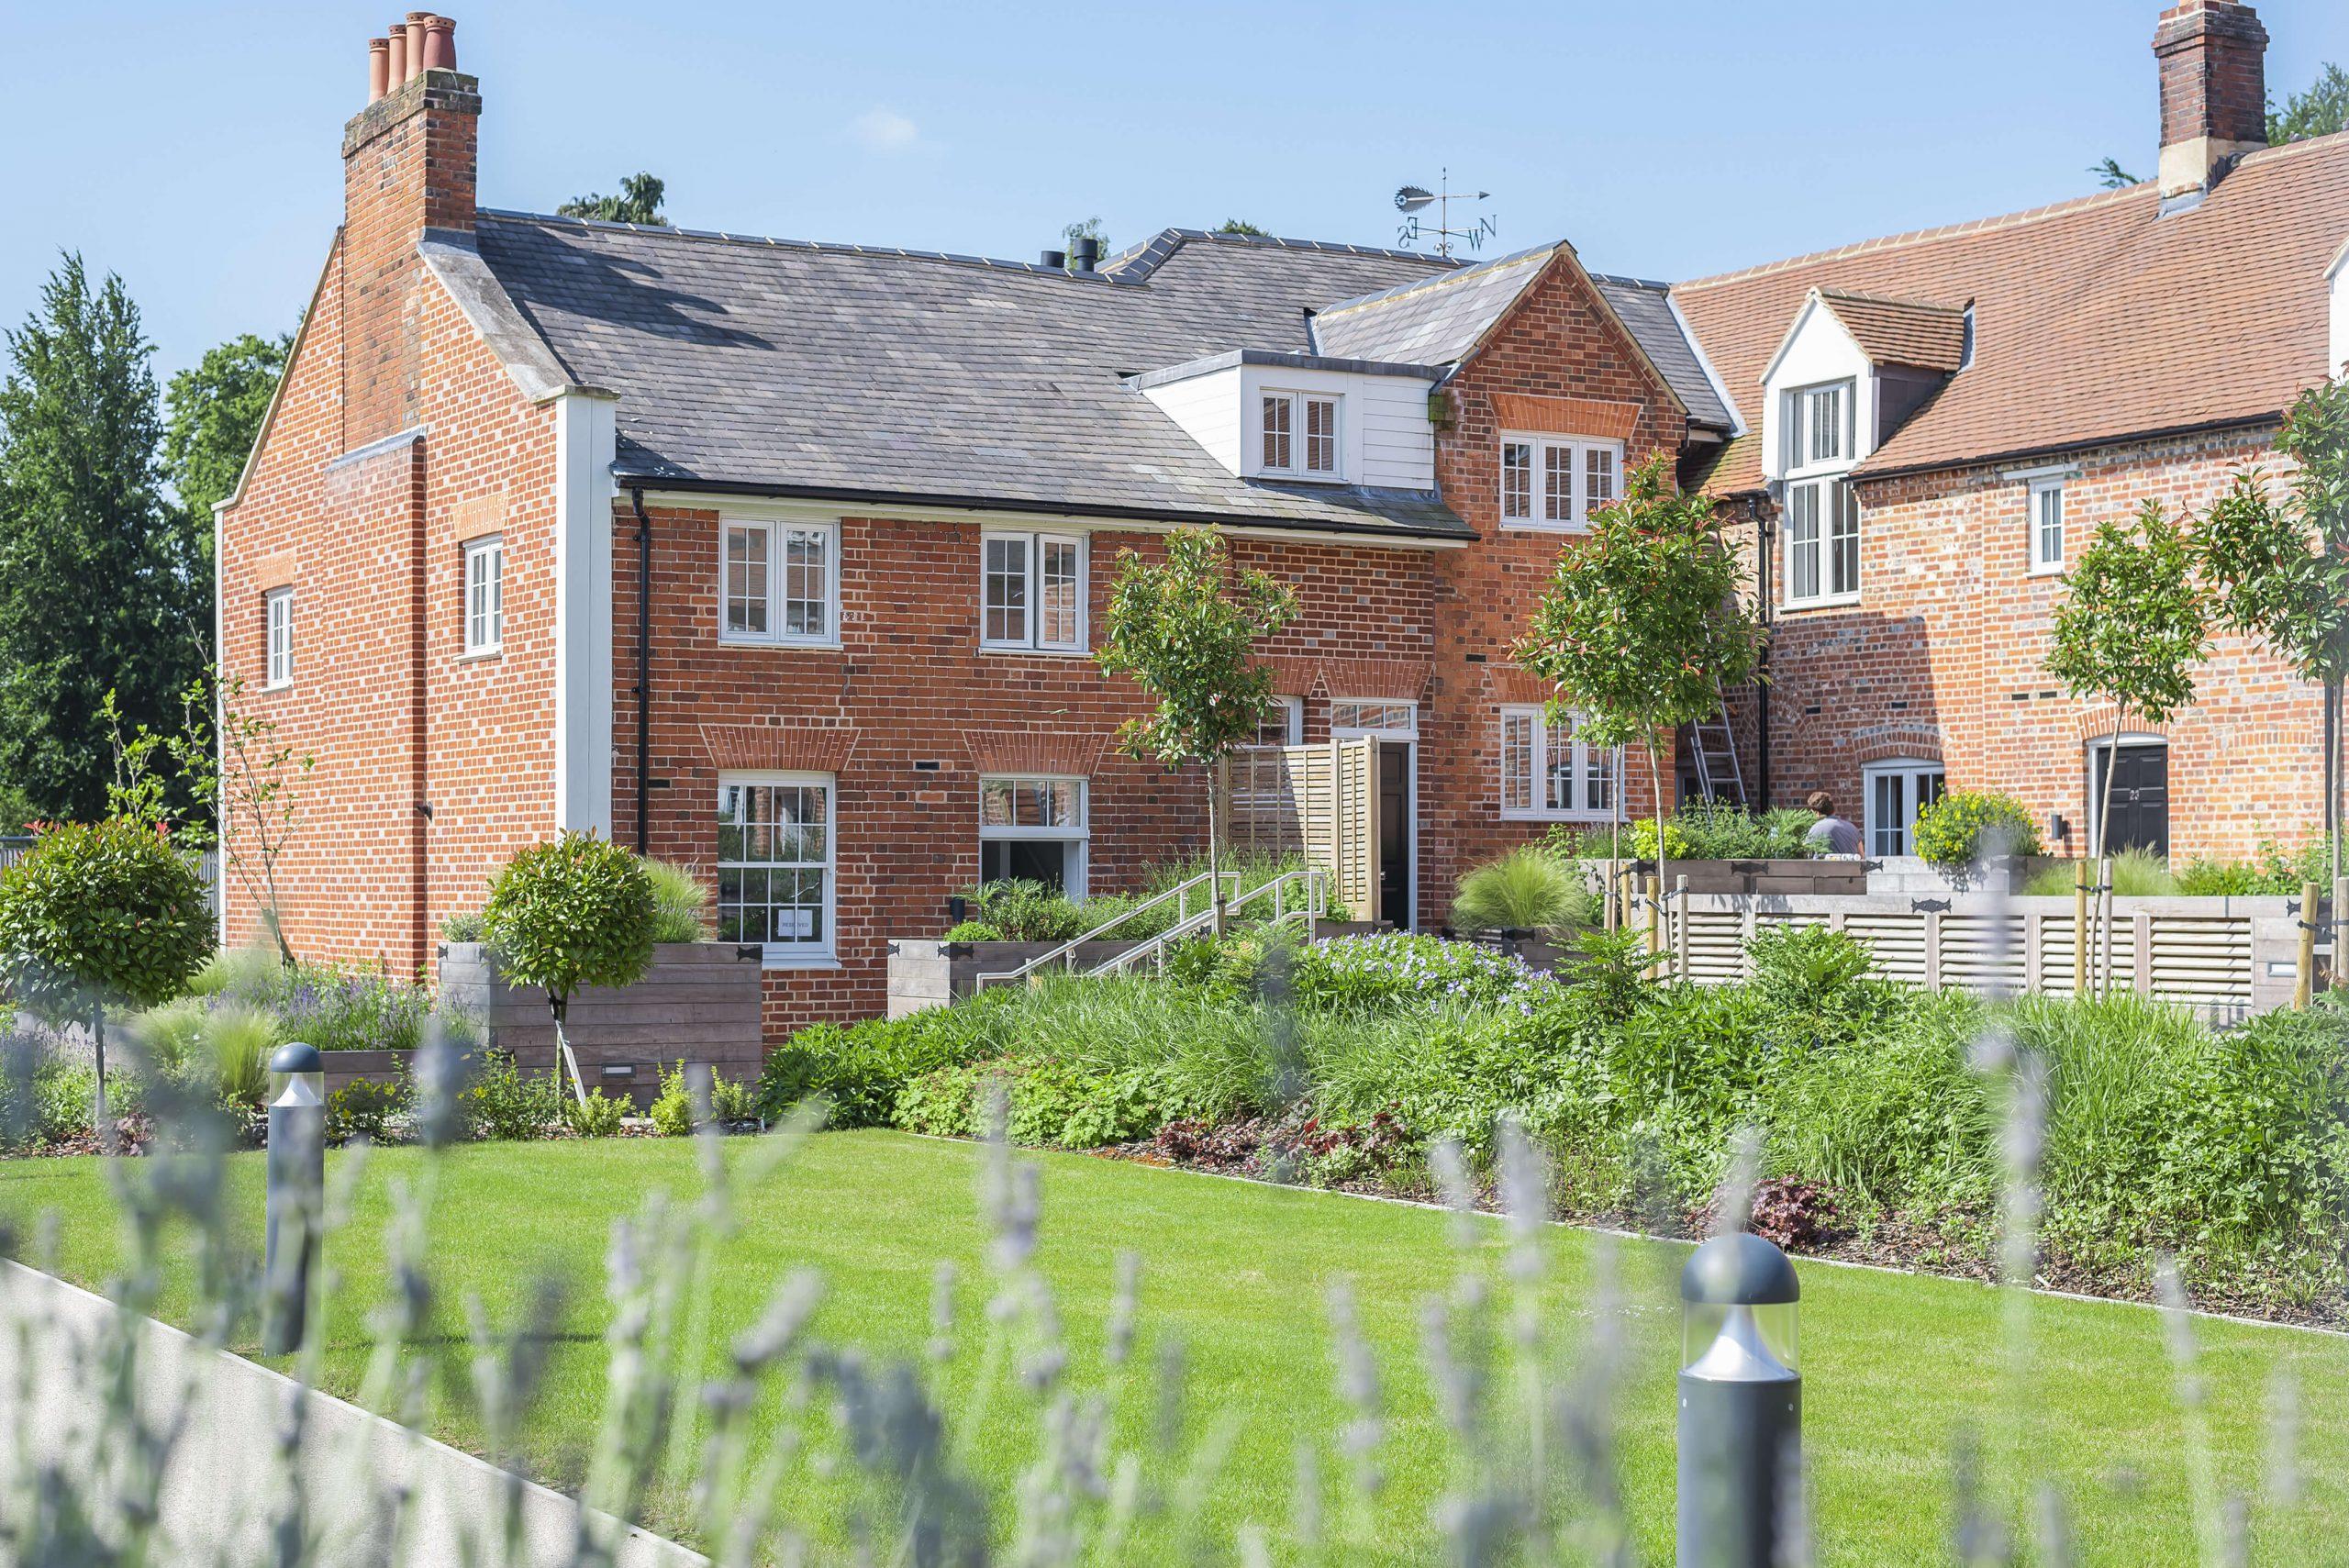 laureate gardens in henley shared gardens